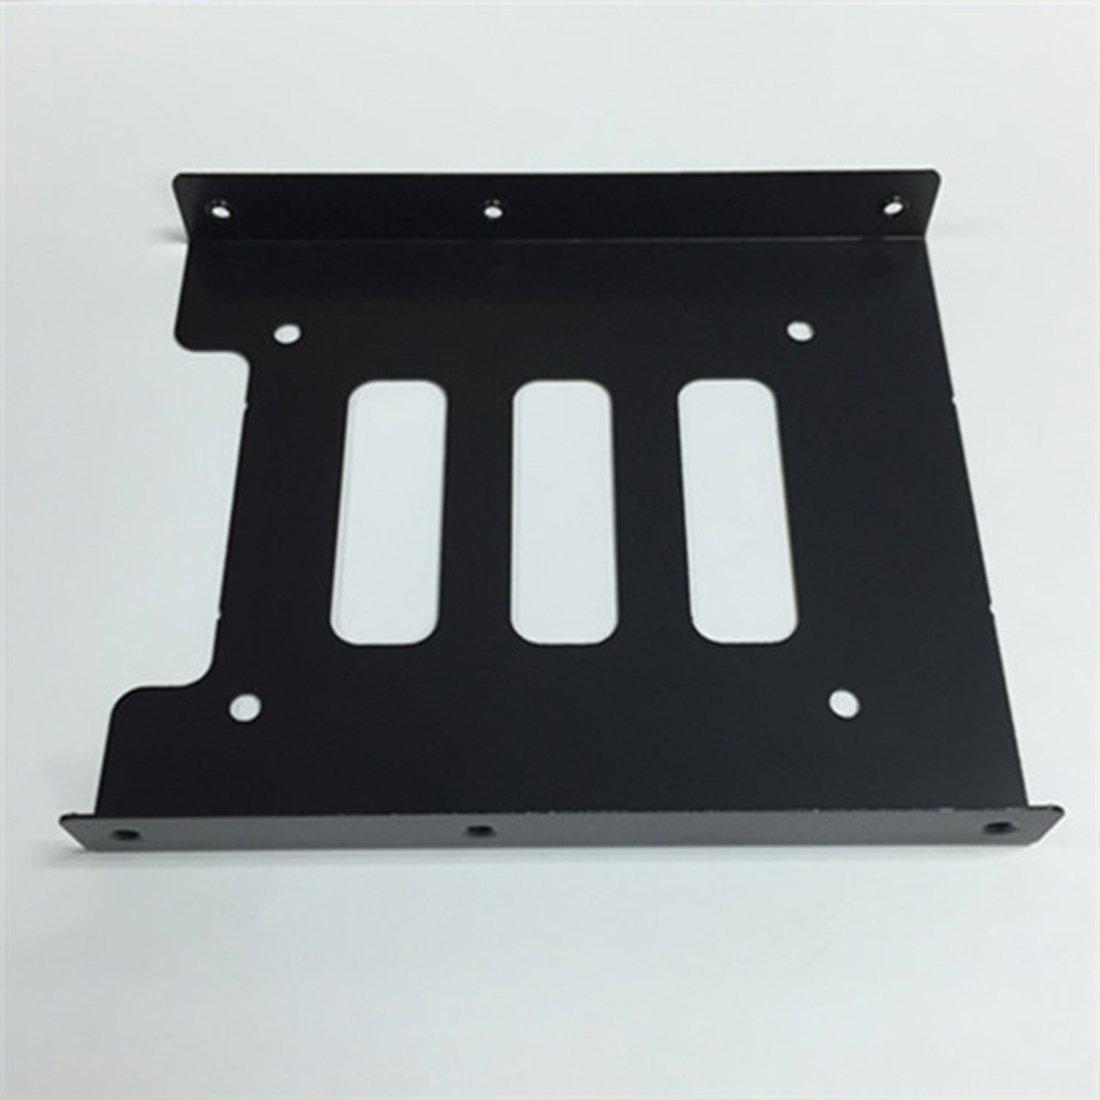 eDealMax métal DE 2,5 à 3,5 SSD HDD Adaptateur de Fixation du Support rigide porteur d'entraînement